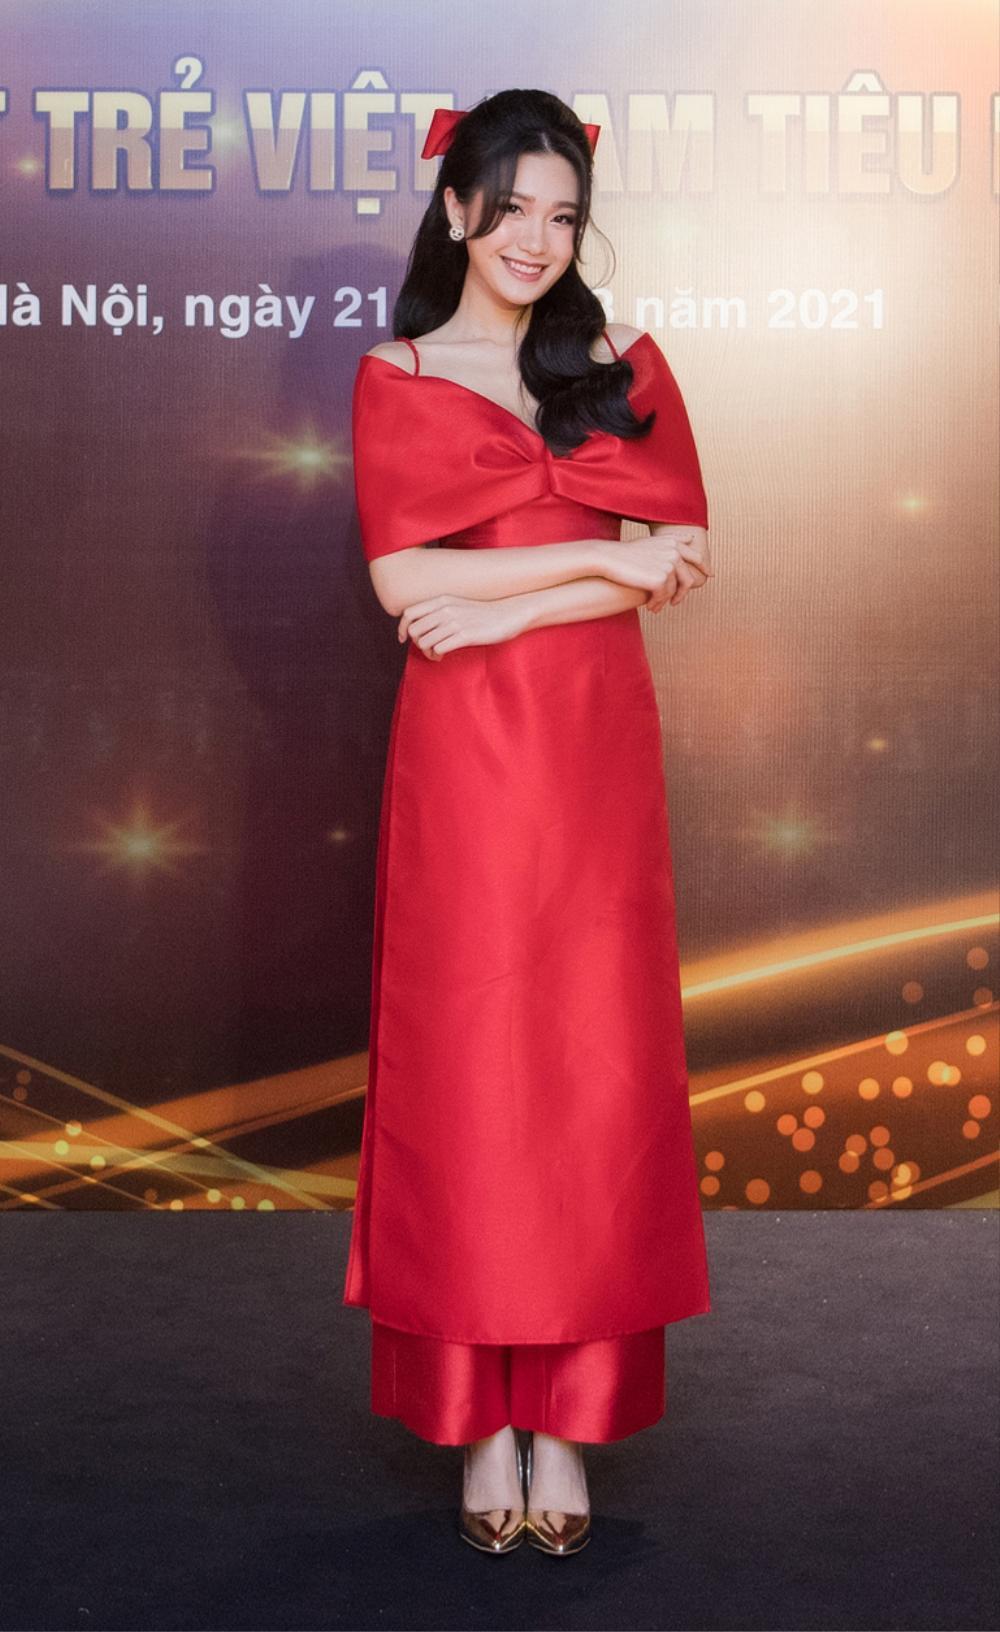 Top 10 Hoa hậu Việt Nam 2020 - Doãn Hải My diện áo dài đỏ chiếm spotlight, nhan sắc rạng rỡ Ảnh 9